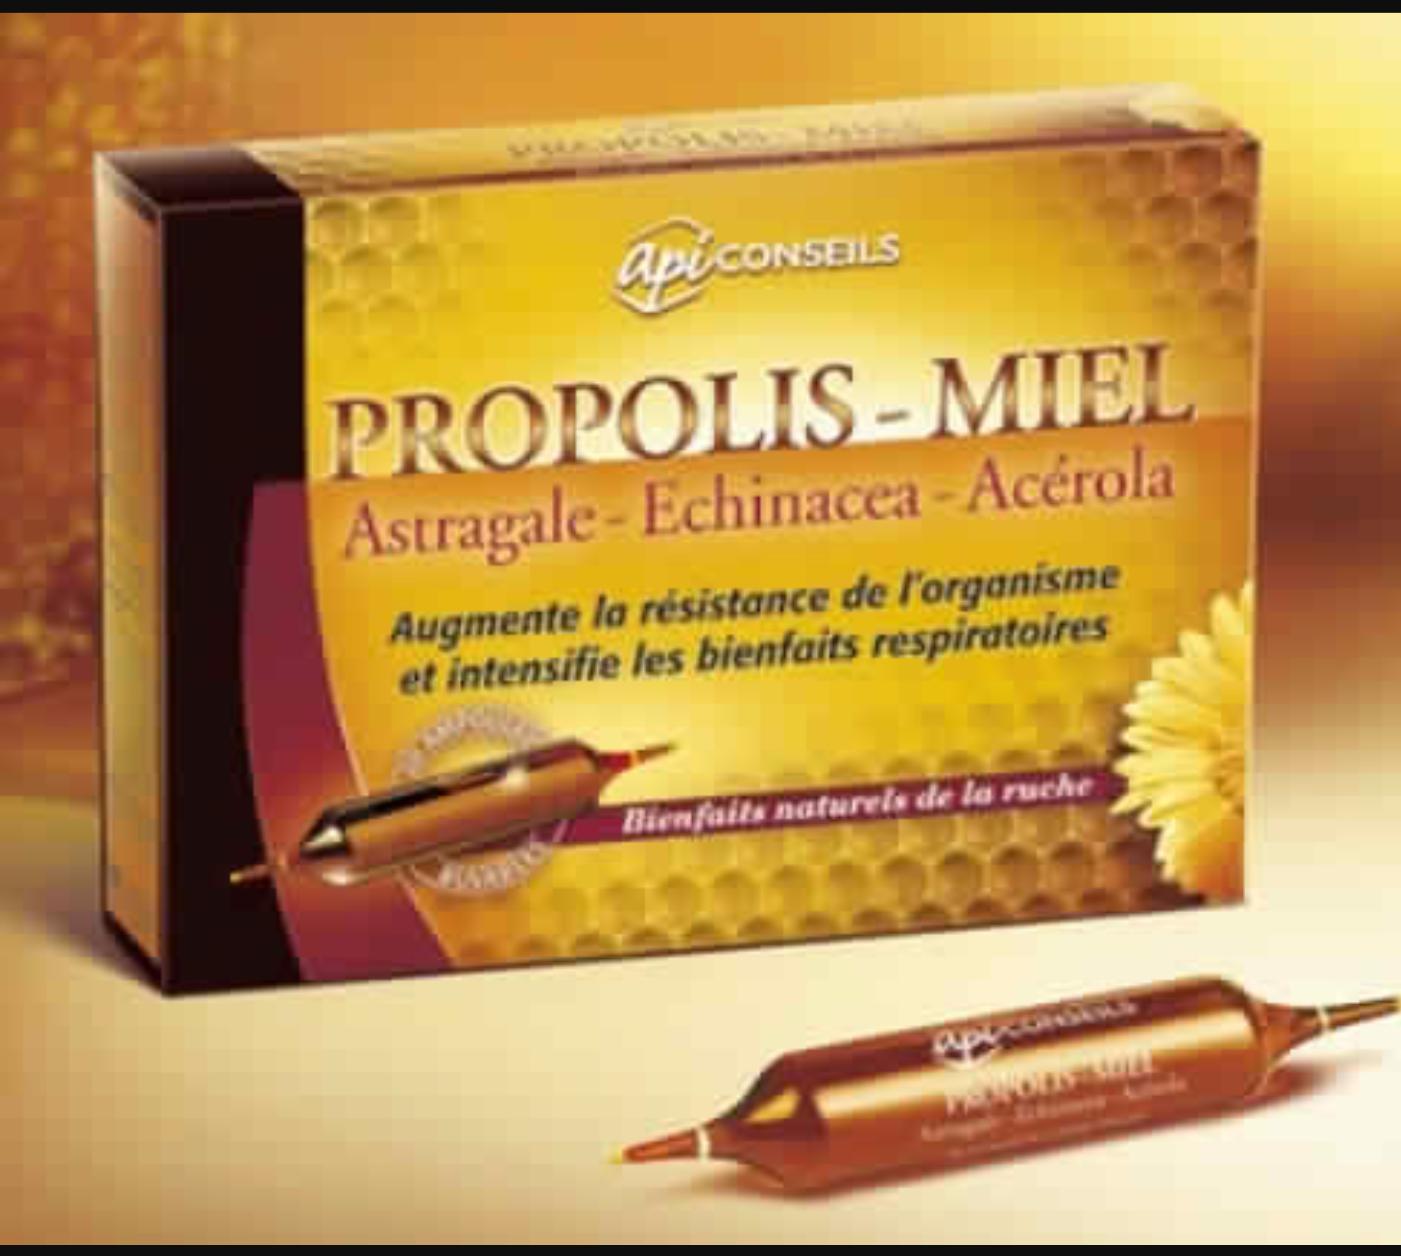 Propolis – Miel – Astragale  – Echinacea – Acérola8